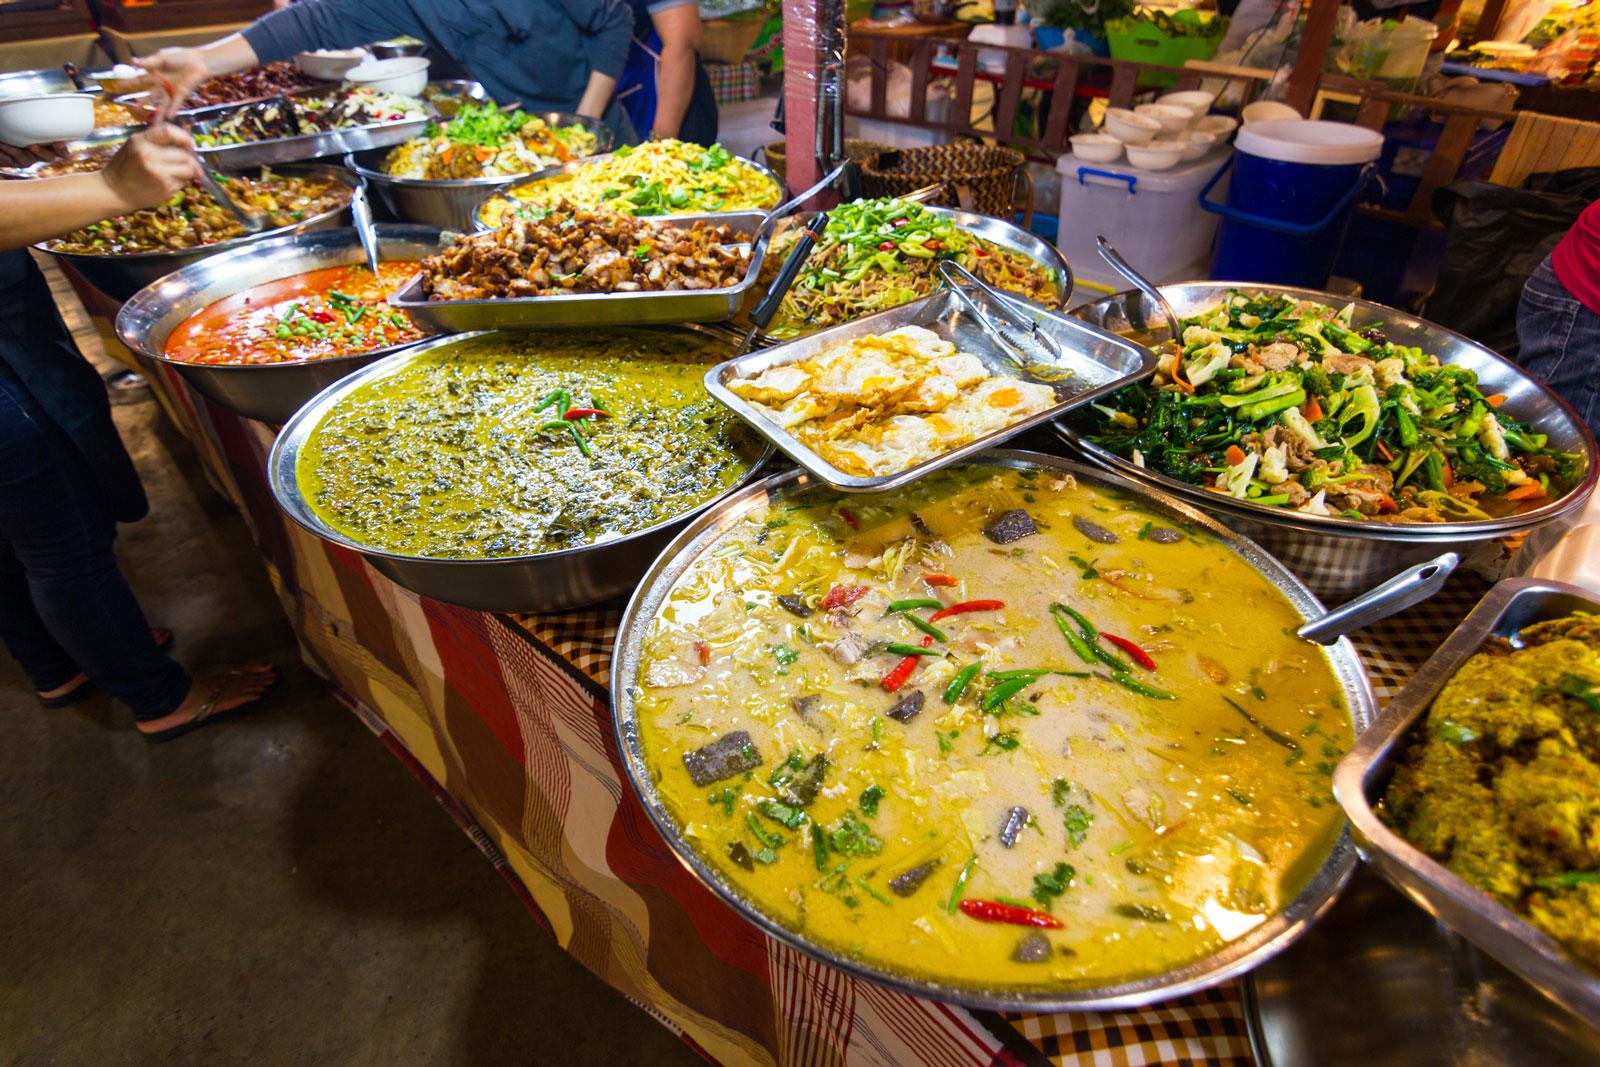 Streetfood-Markt in Bangkok: Schärfe ist für Europäer gewöhnungsbedürftig